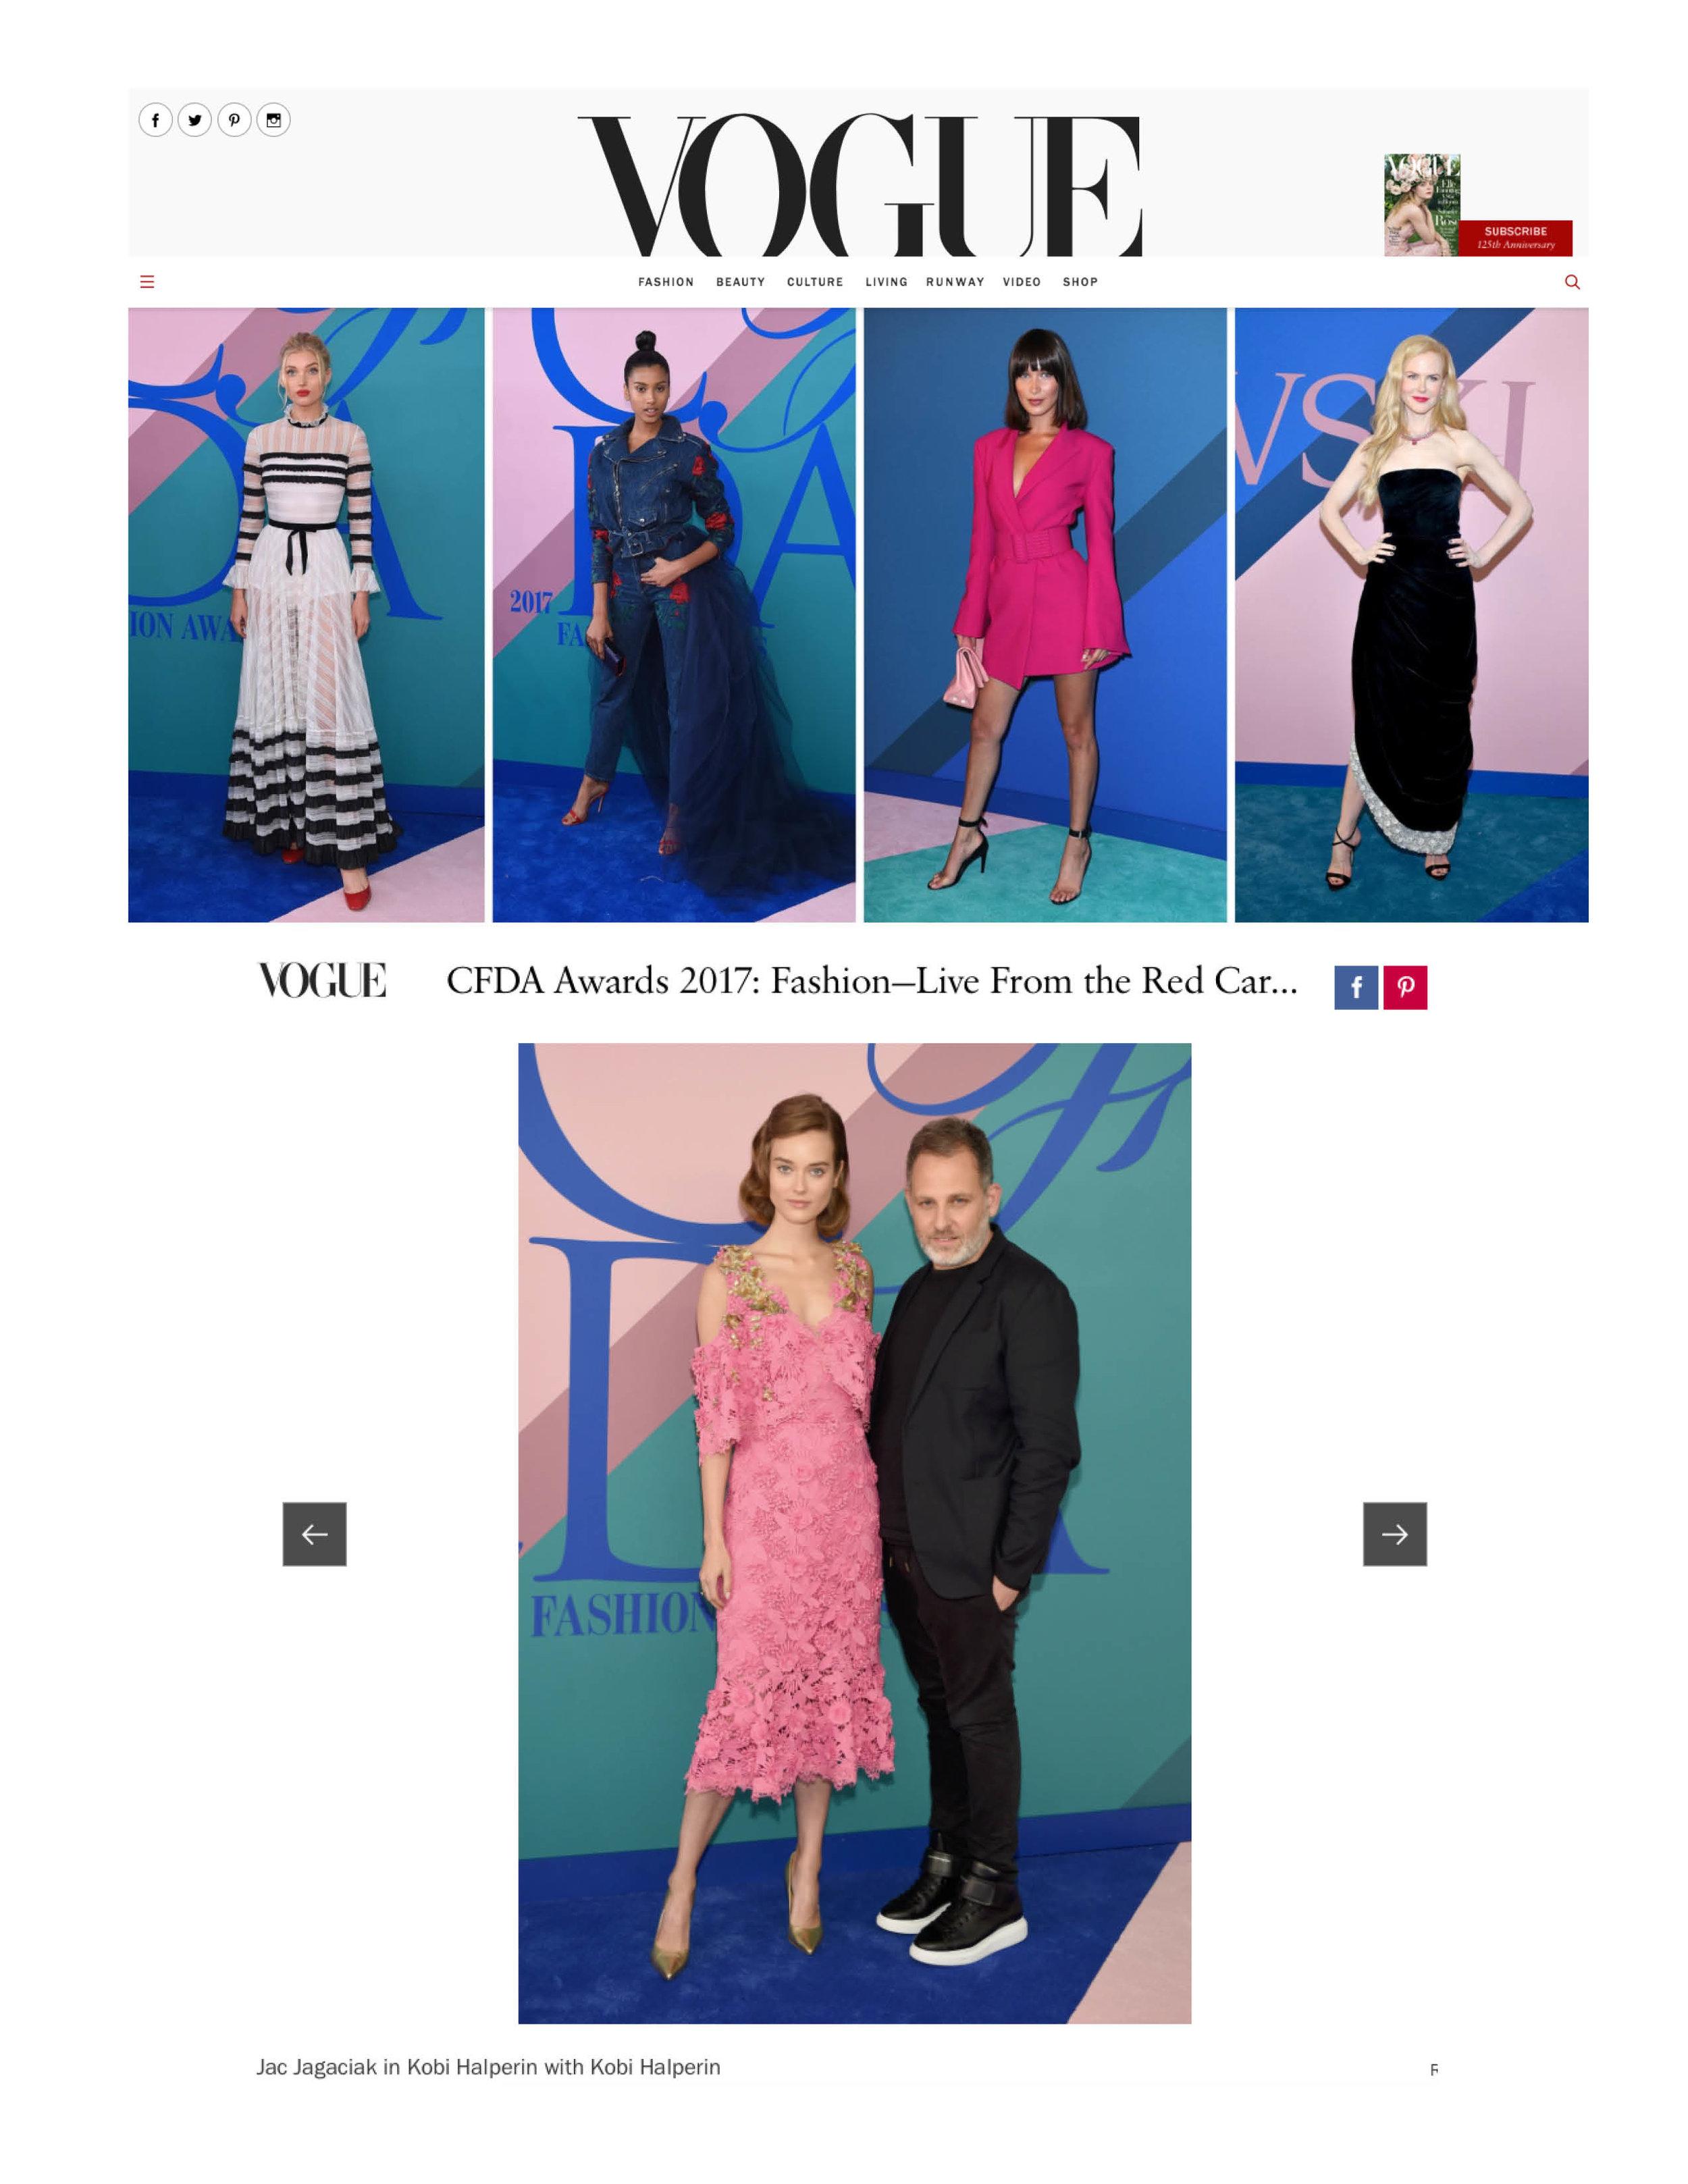 CFDA Awards 2017 Press Coverage.jpg